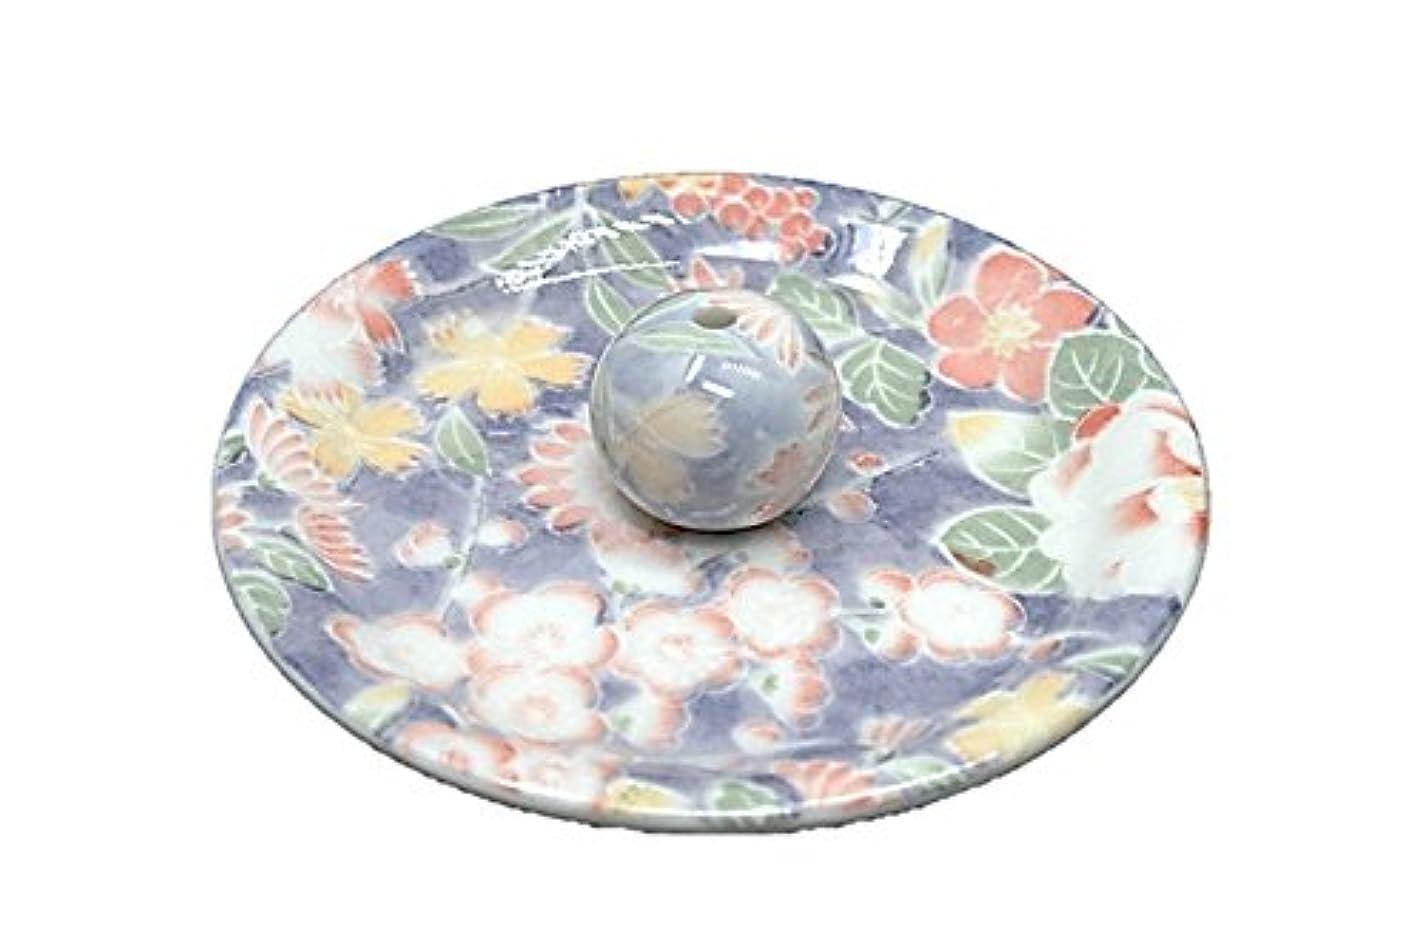 バドミントンストレス例示する9-28 華友禅 9cm香皿 お香立て お香たて 陶器 日本製 製造?直売品